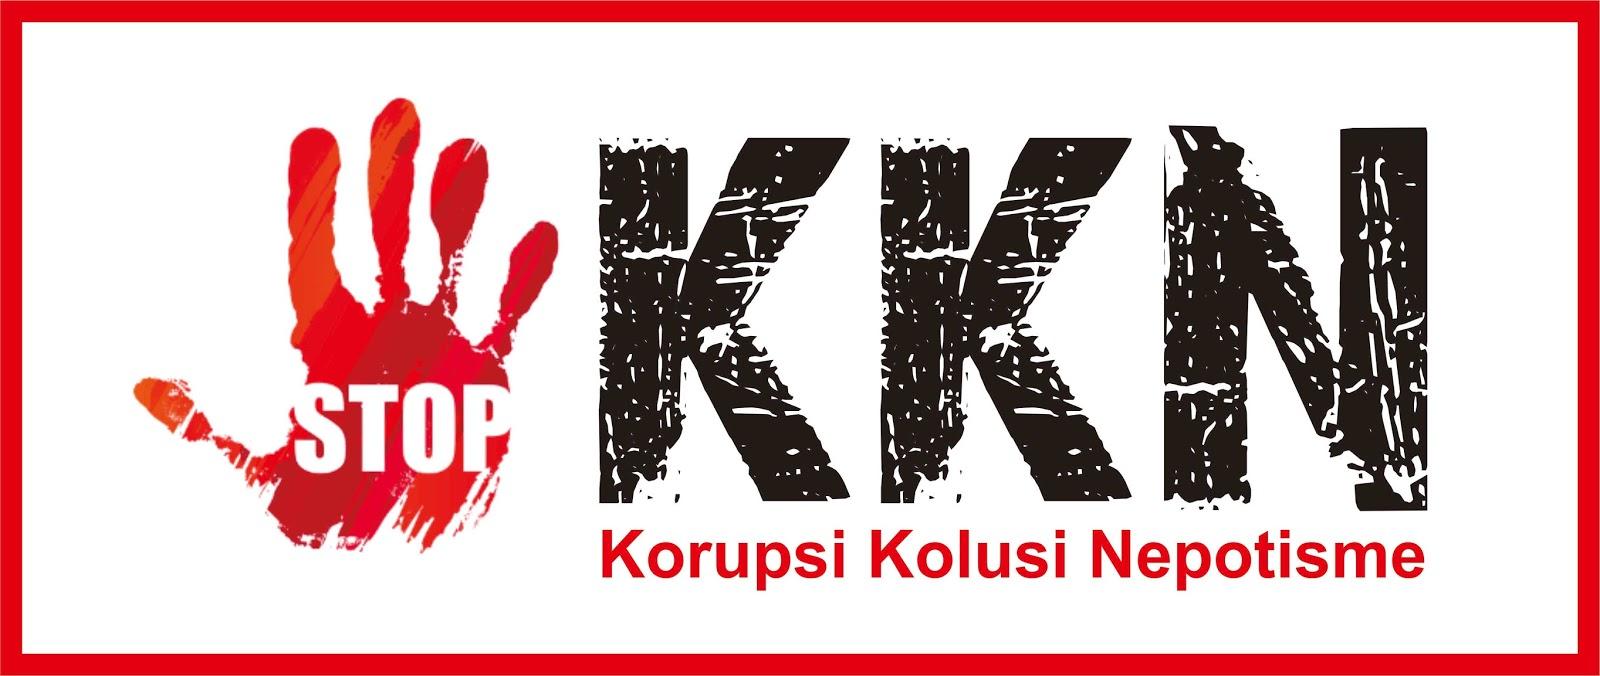 Korupsi Kolusi Nepotisme (KKN)